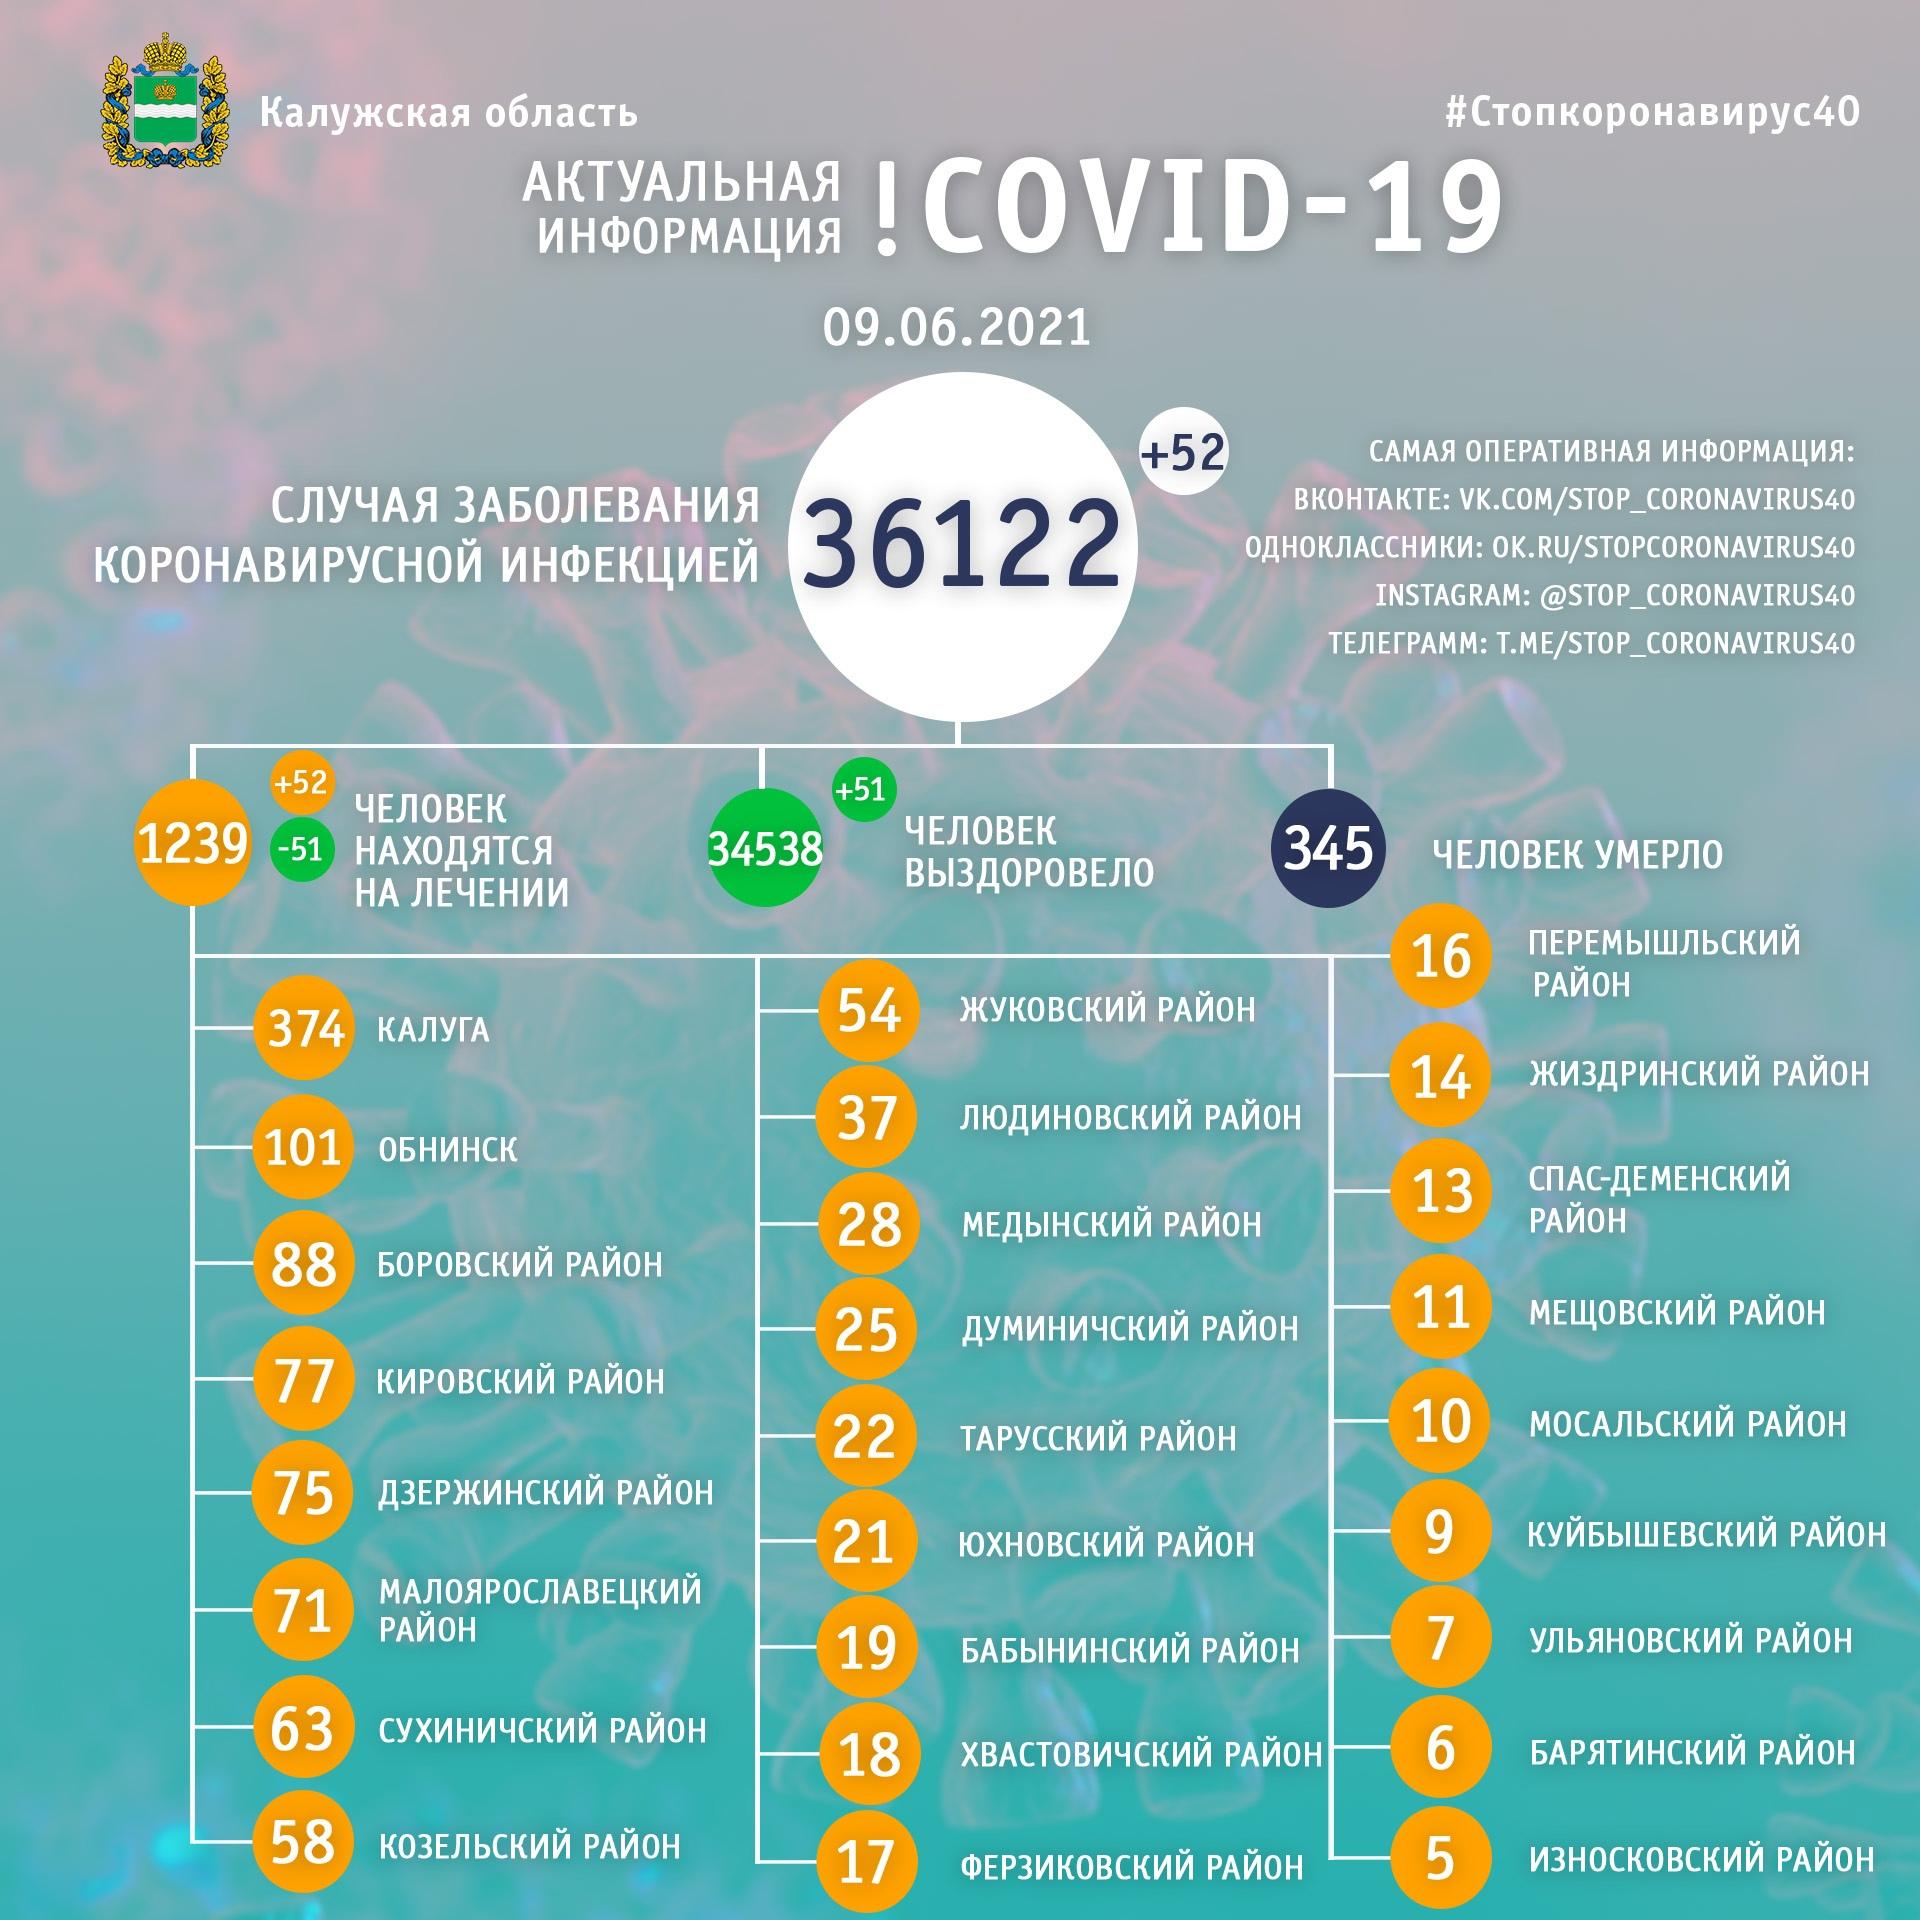 Официальная статистика по коронавирусу в Калужской области на 9 июня 2021 года.